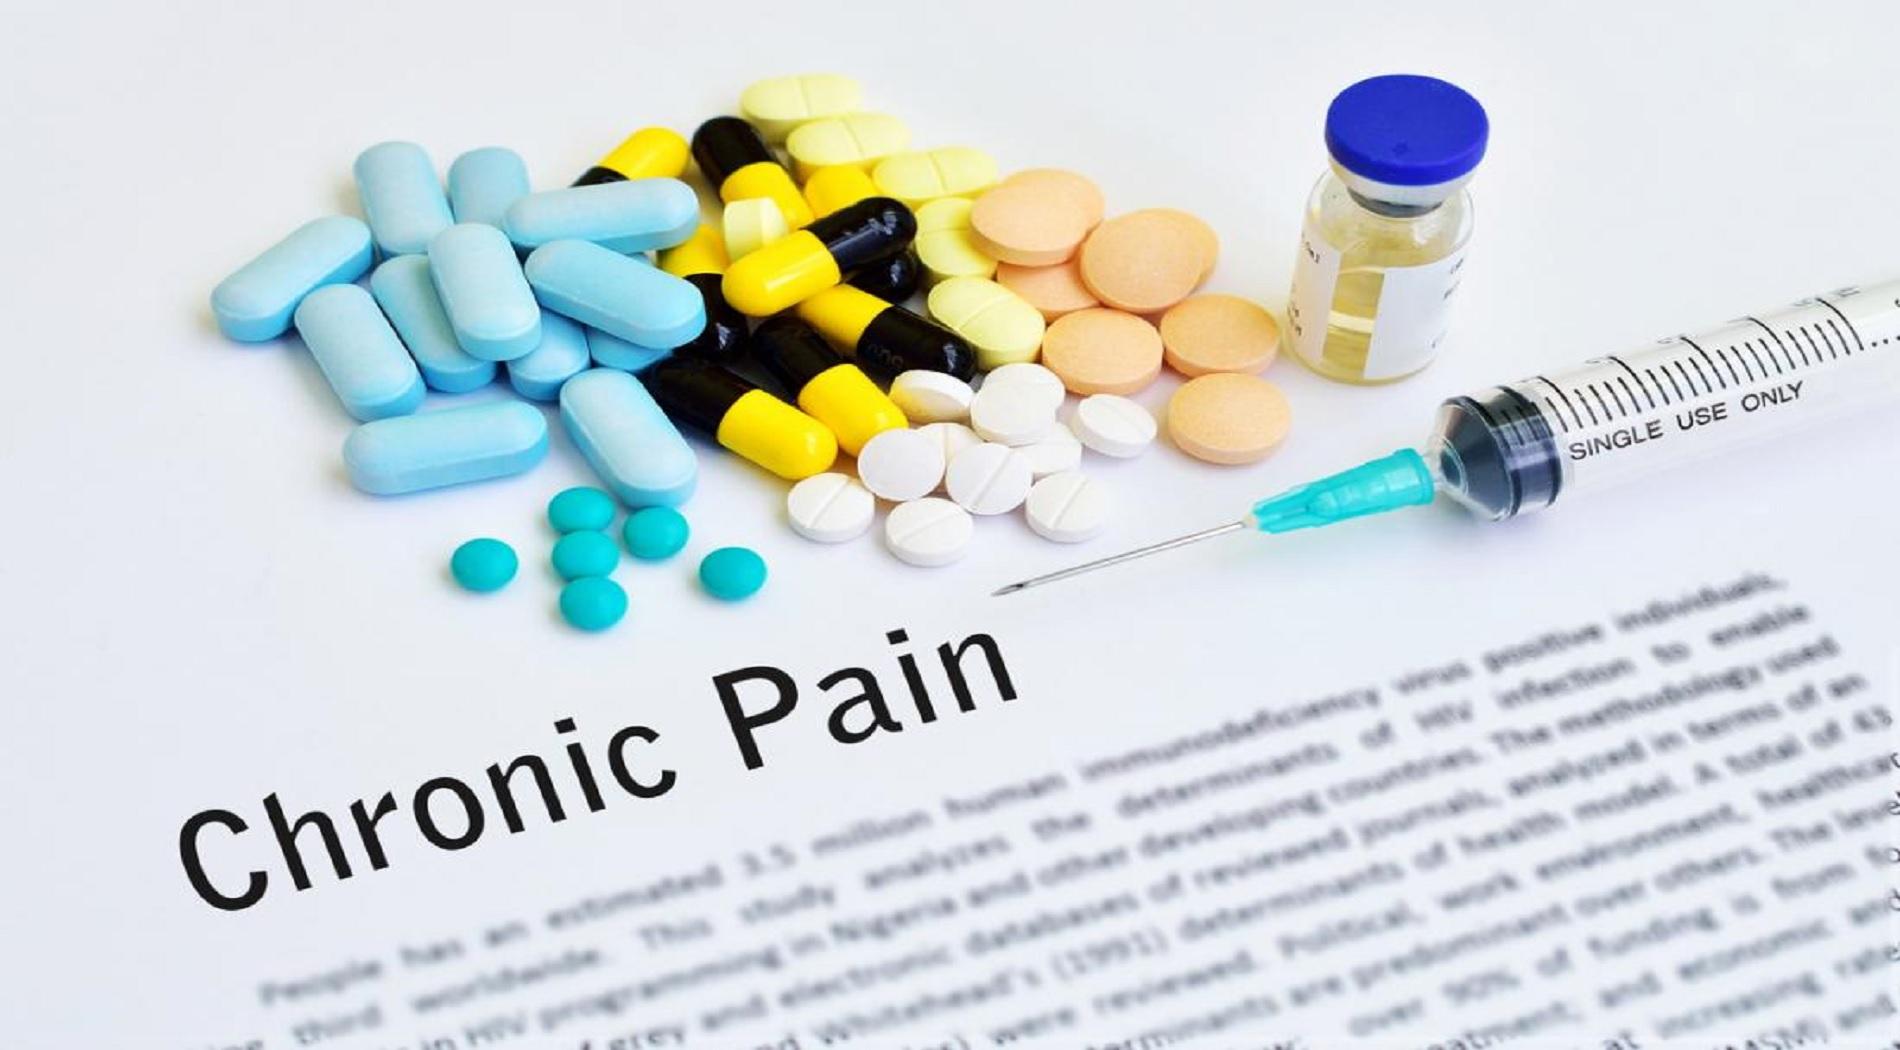 Χρόνιος πόνος: Οι άνθρωποι που βιώνουν χρόνιο πόνο έχουν περισσότερες πιθανότητες εκδήλωσης καρδιακής προσβολής & εγκεφαλικού επεισοδίου [vid]